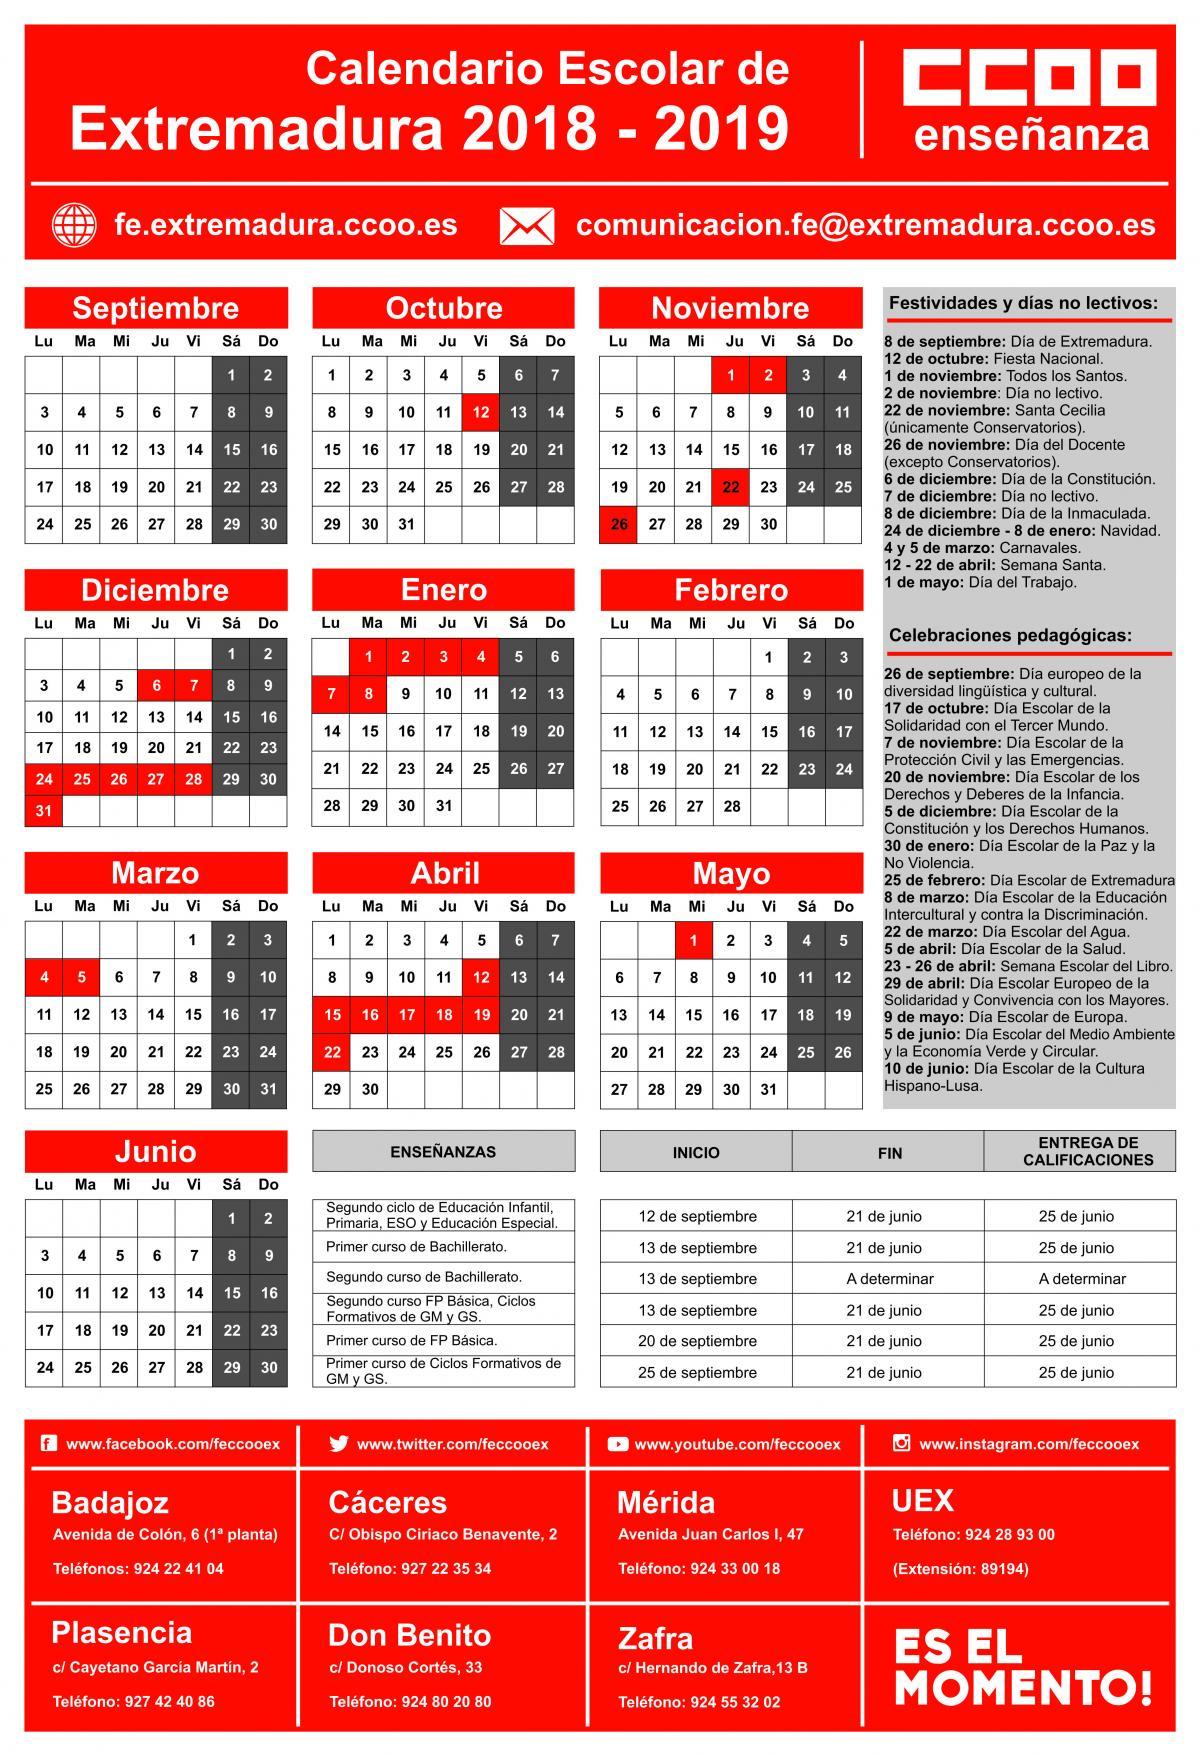 Calendario Laboral 2020 Extremadura.Federacion De Ensenanza De Extremadura Calendario Privada